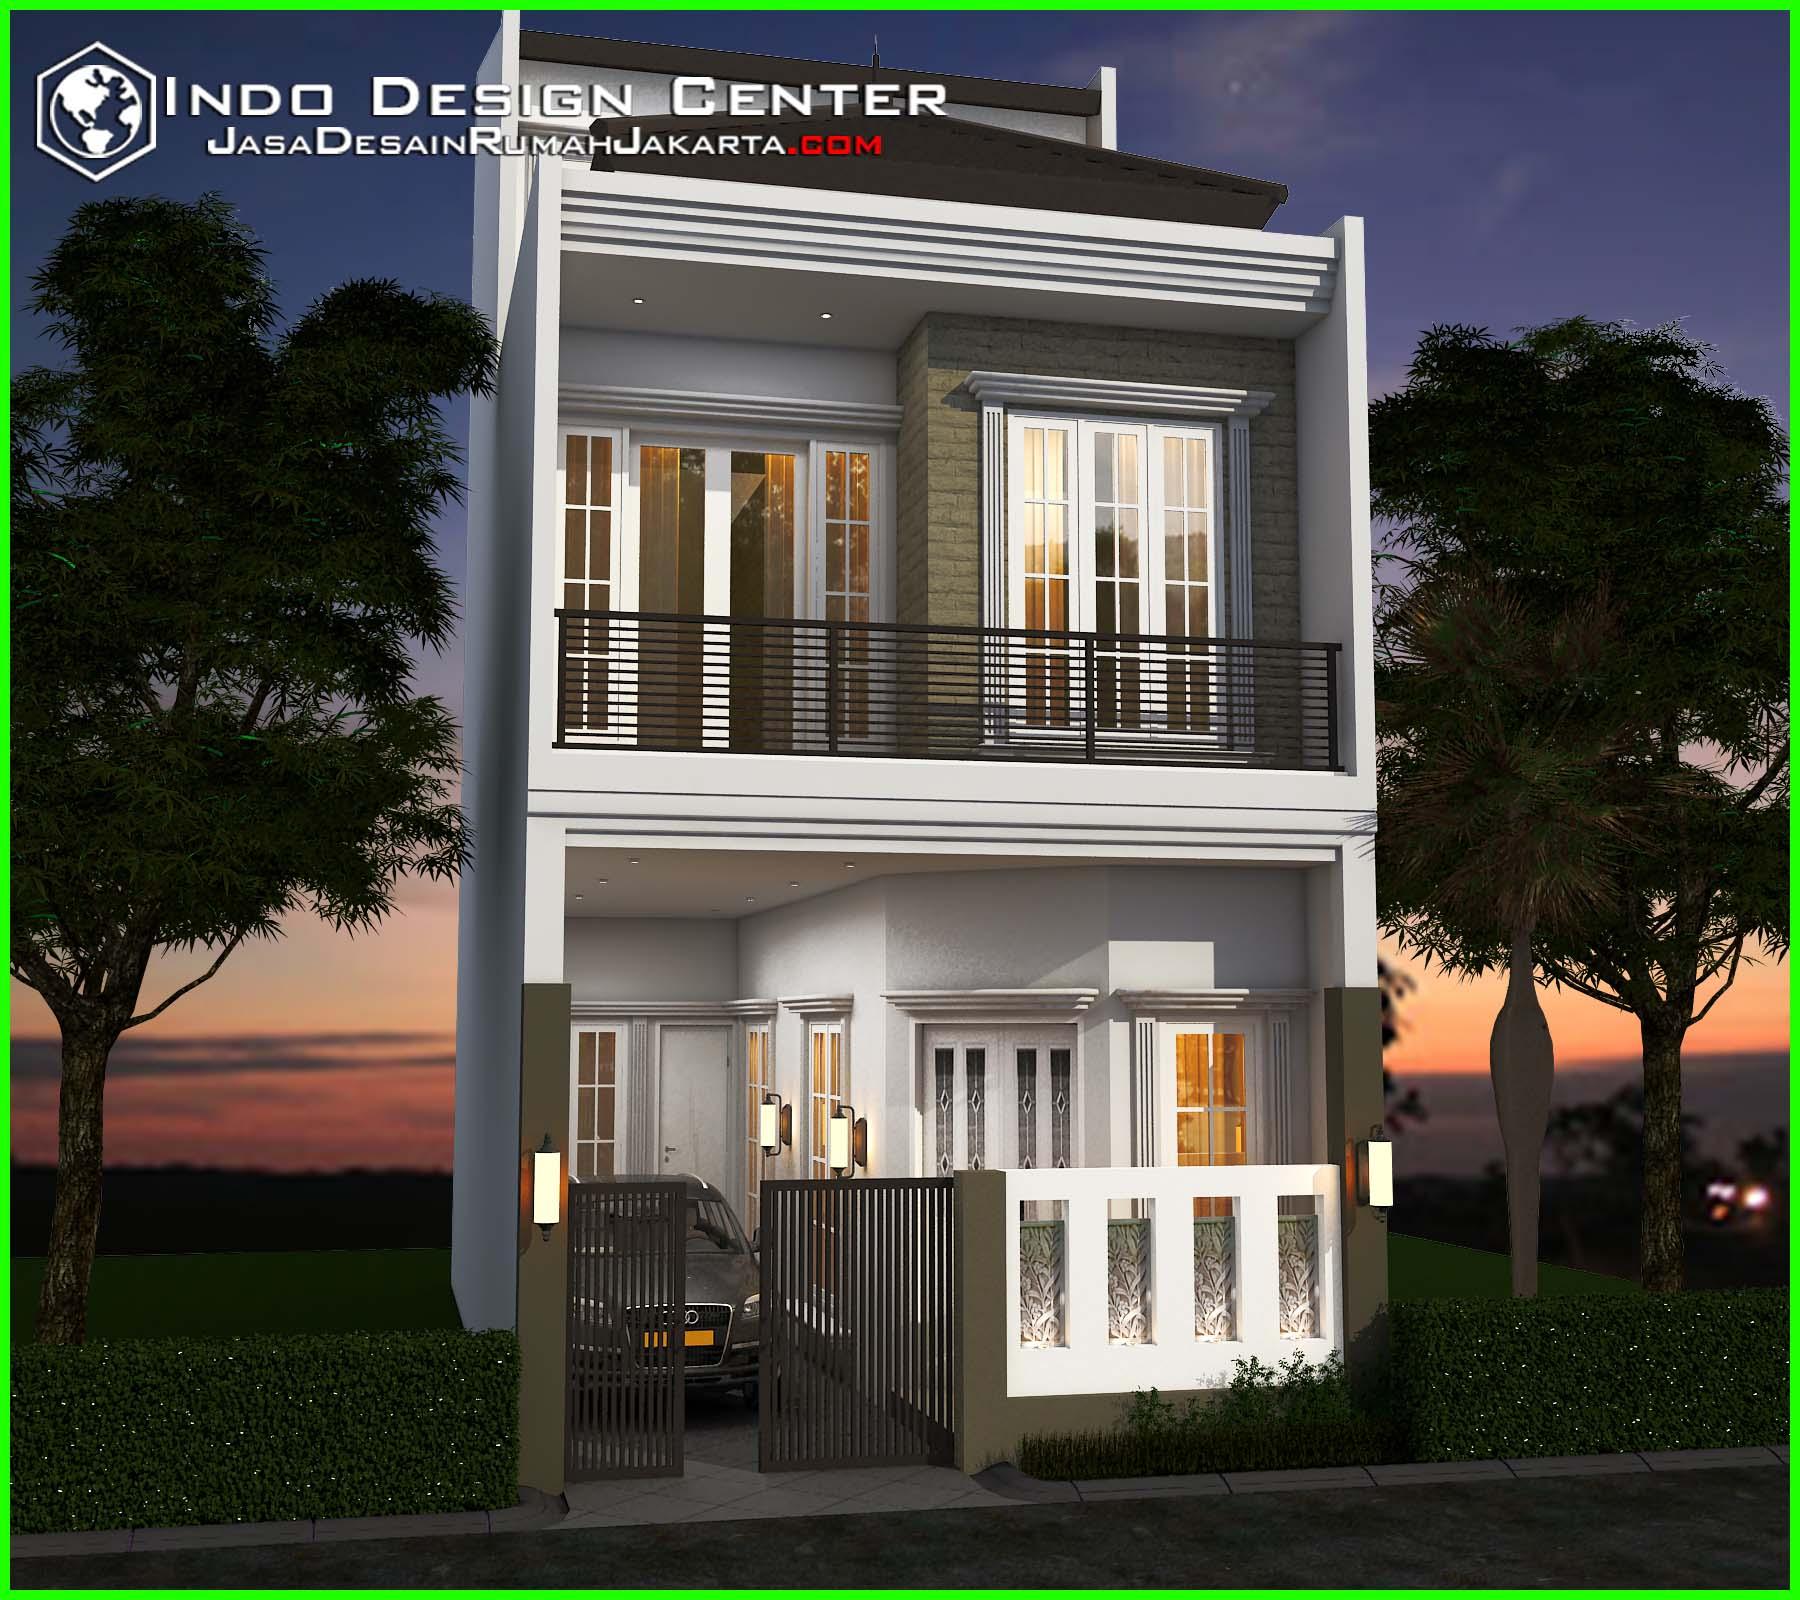 Pola Desain Arsitektur: Gambar Rumah Tingkat Minimalis, Jasa Desain Rumah Jakarta